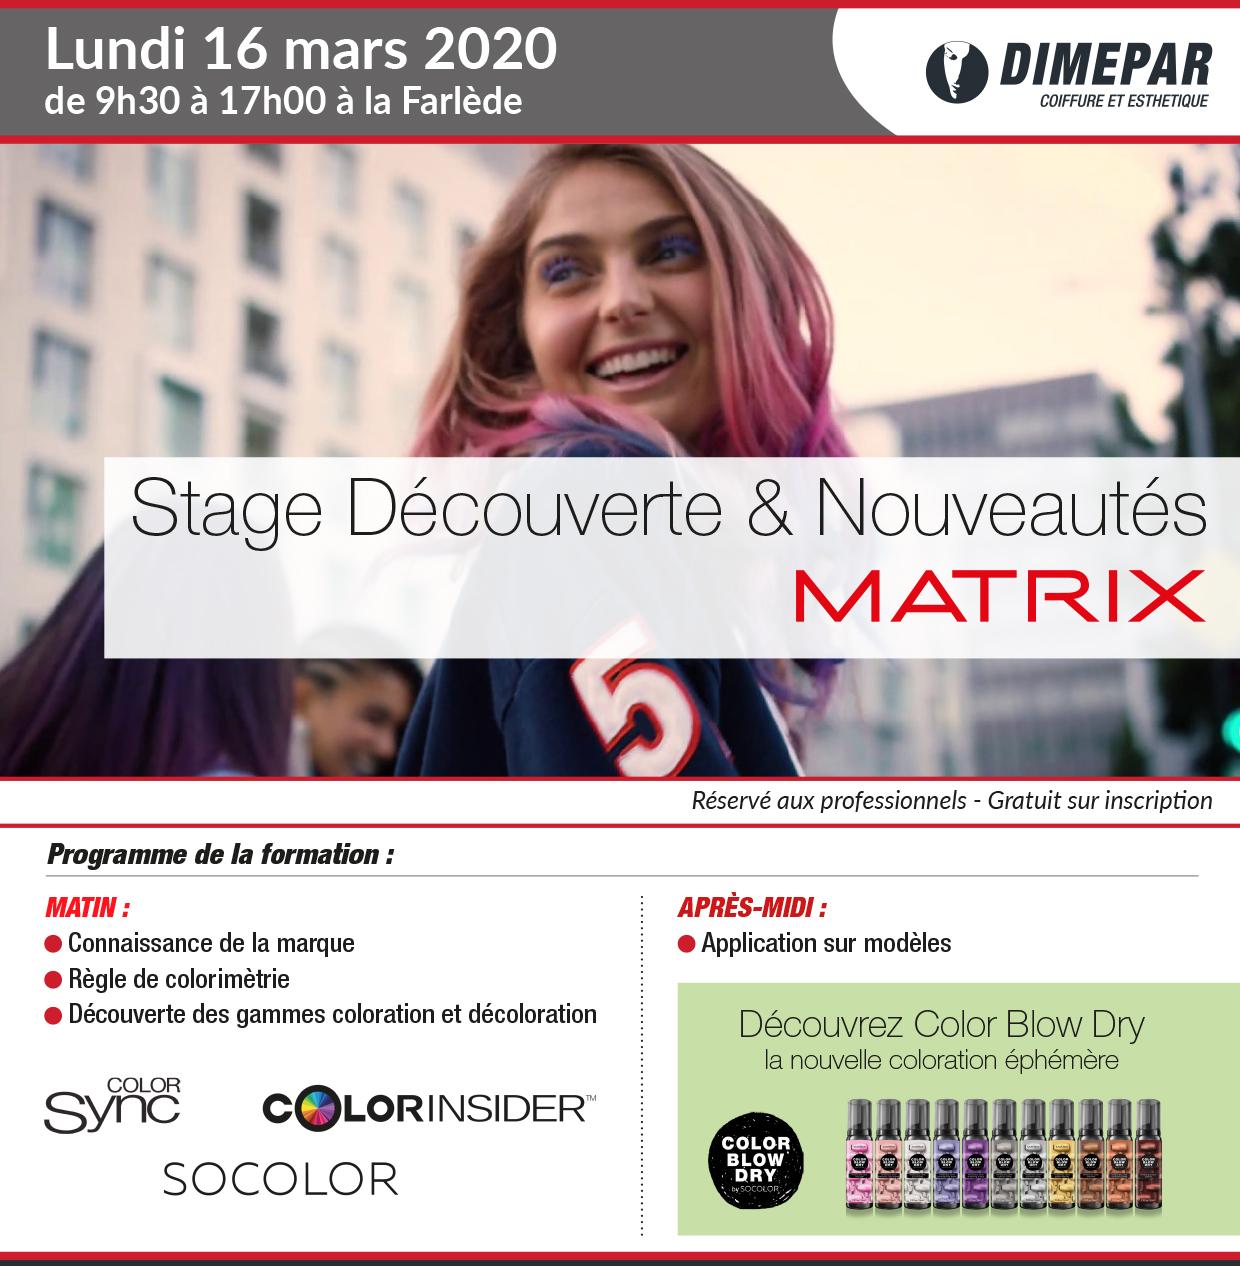 Stage Découverte & Nouveautés MATRIX - Lundi 16 mars Dimepar la Farlède